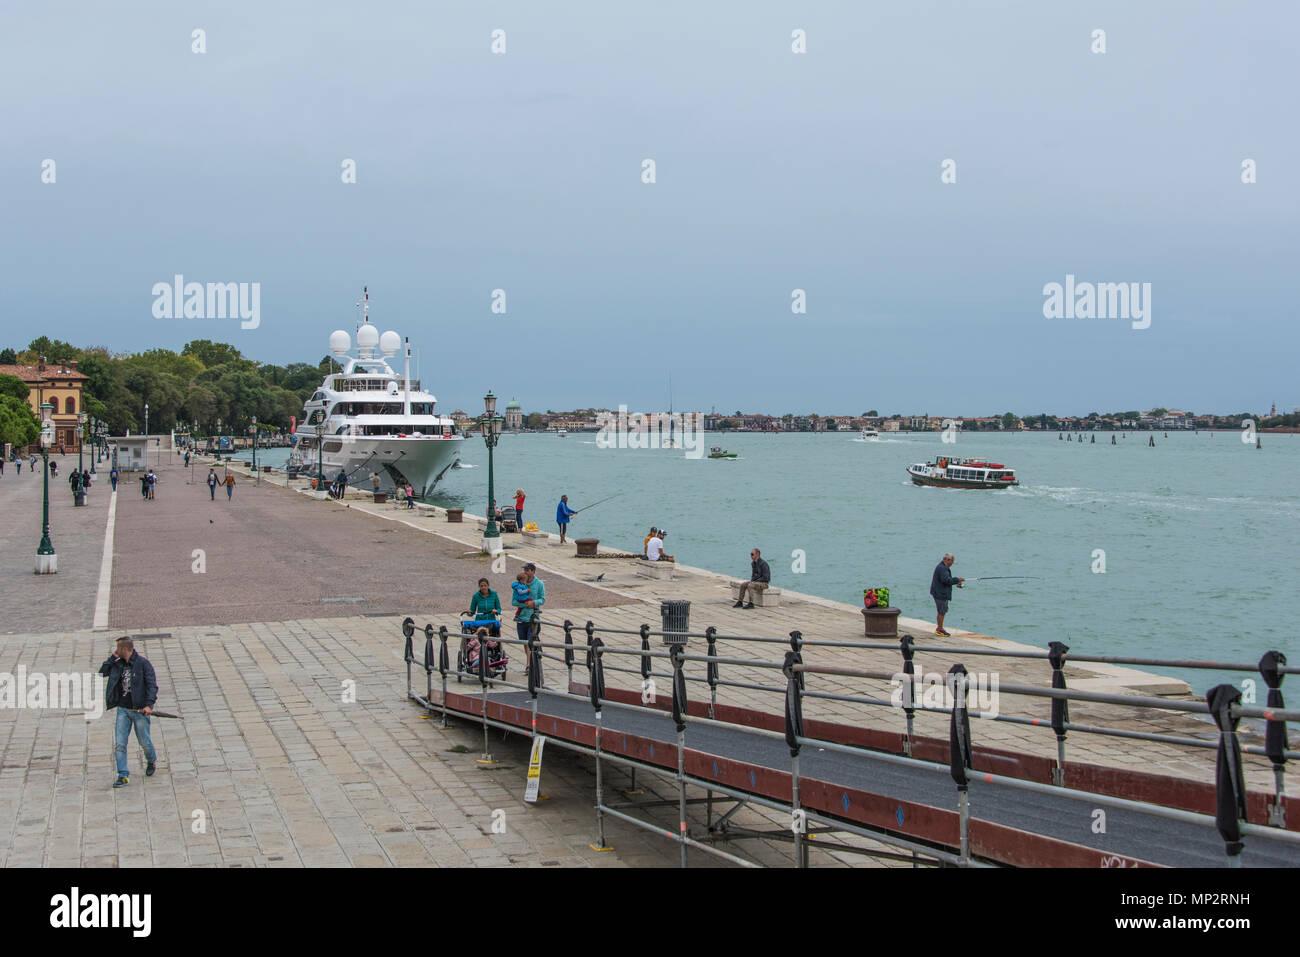 Rampe pedonali su un piccolo canale sulla Riva degli Sette Martiri, Venezia Immagini Stock